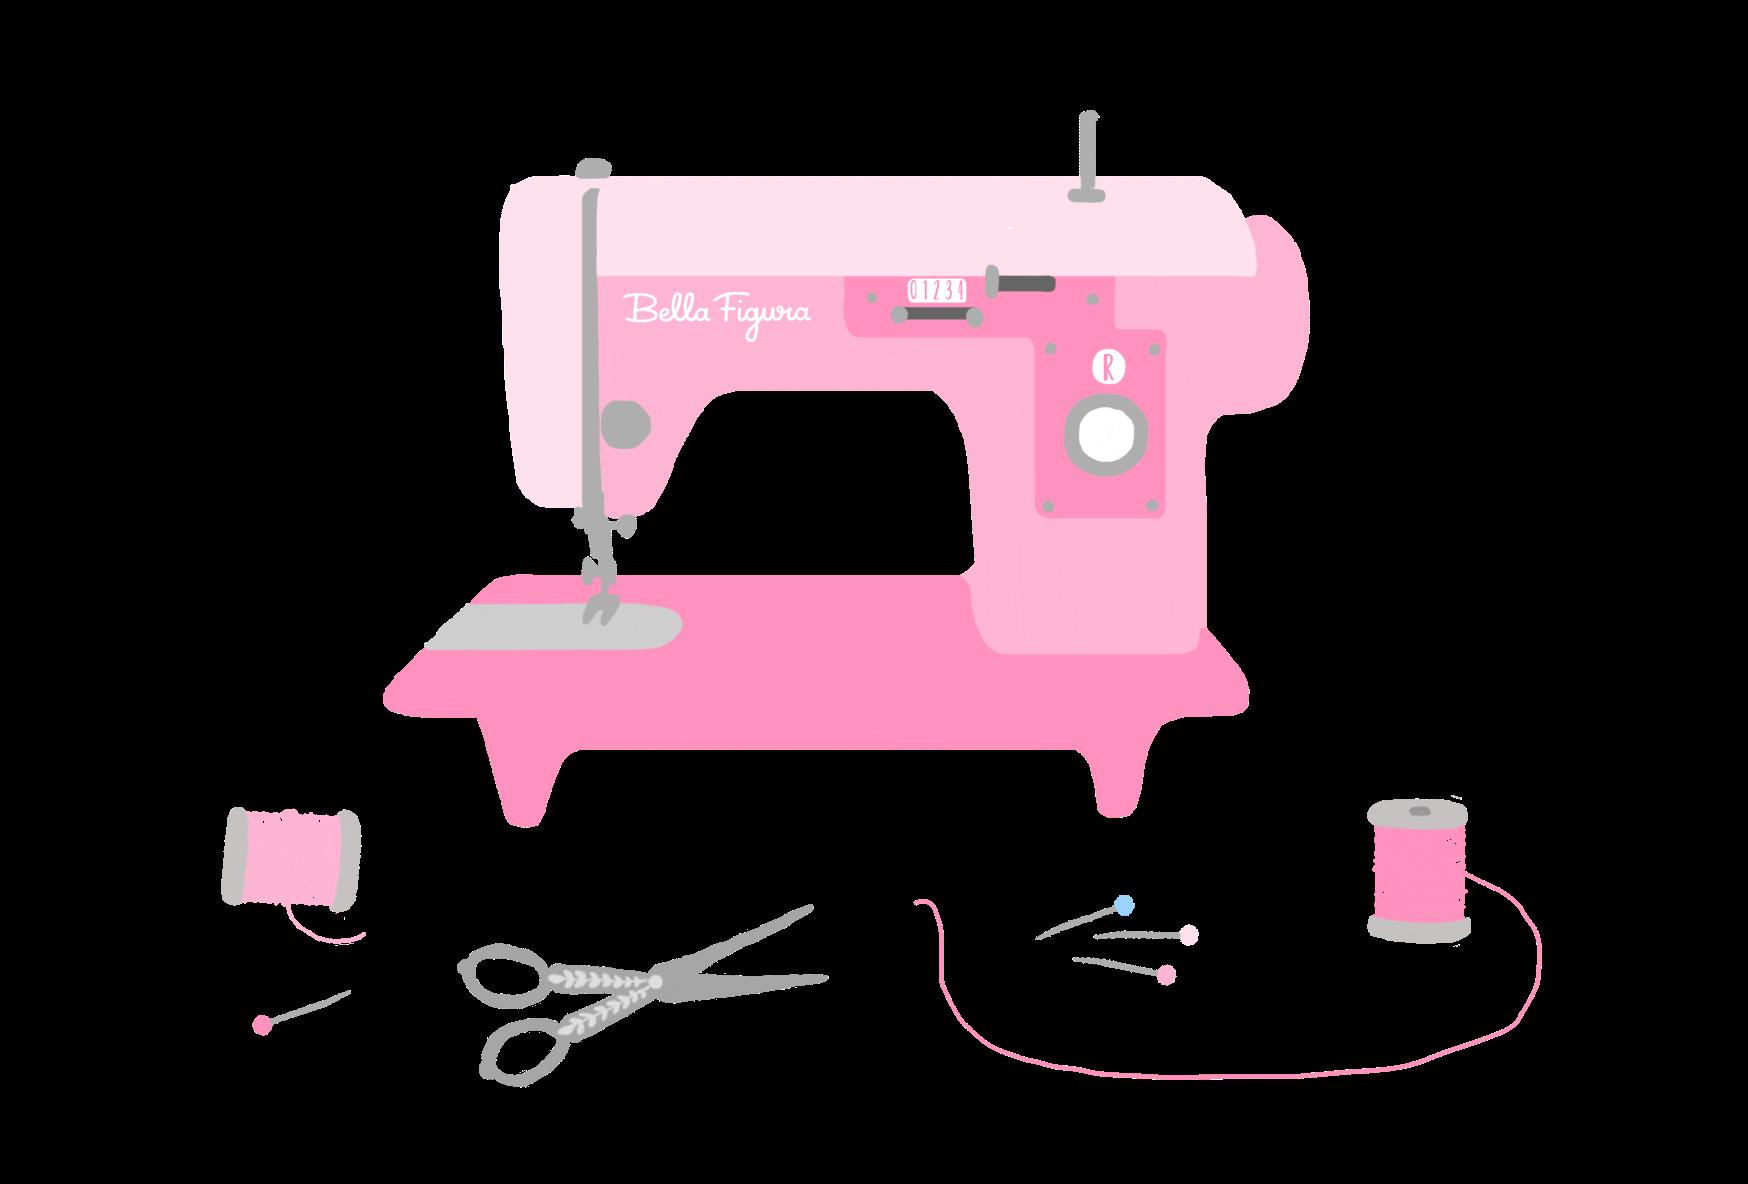 Sewing-machine - Bella Figura